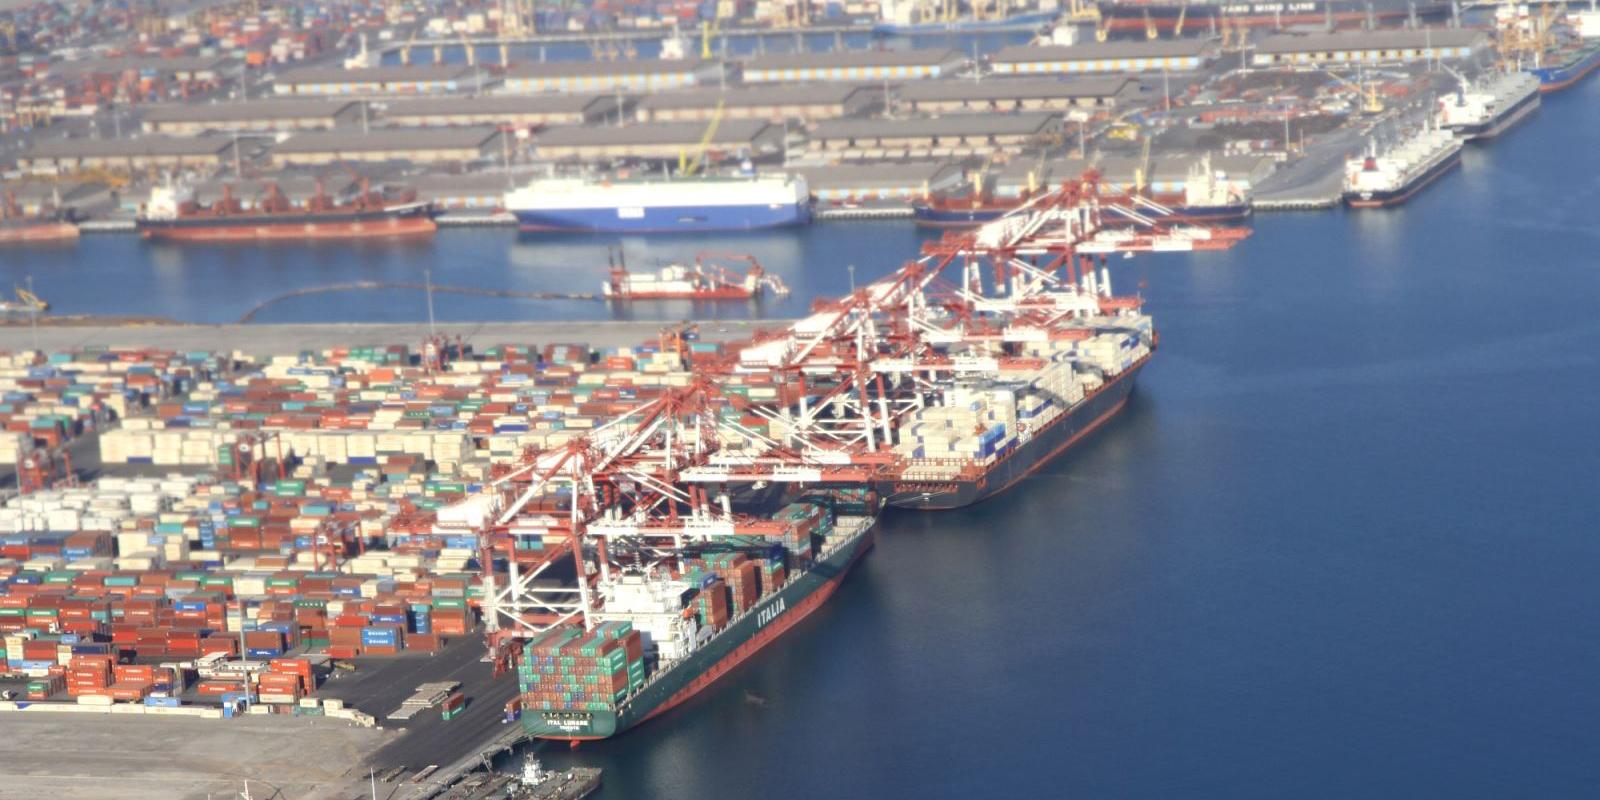 درخواست سرمایه گذاری 9 شرکت داخلی و خارجی در بنادر ایران